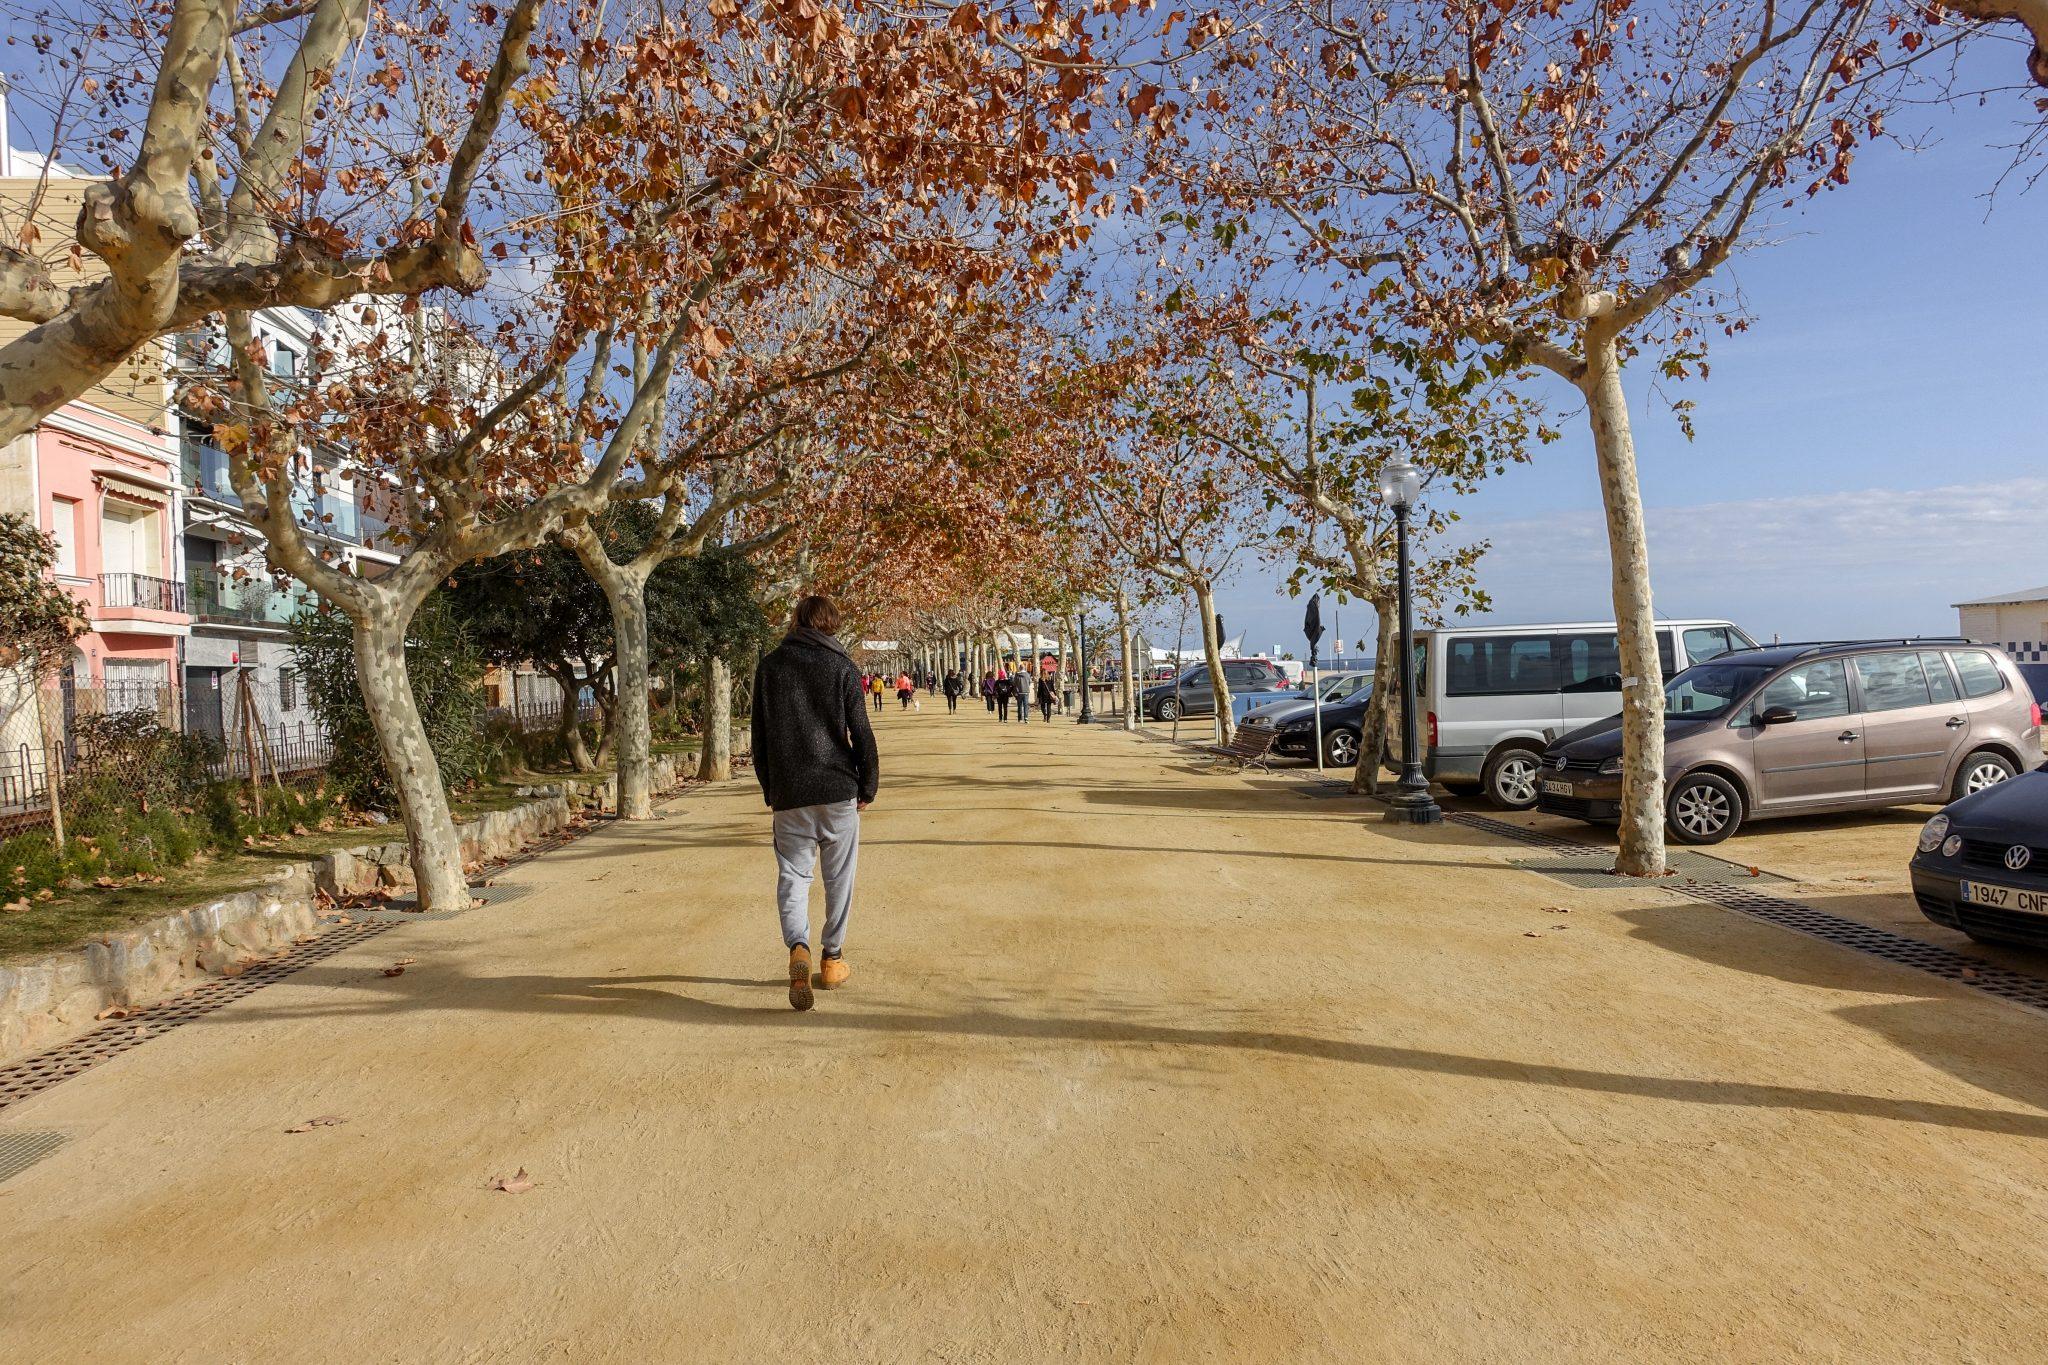 calella-travel-guide-winter-strandpromenade